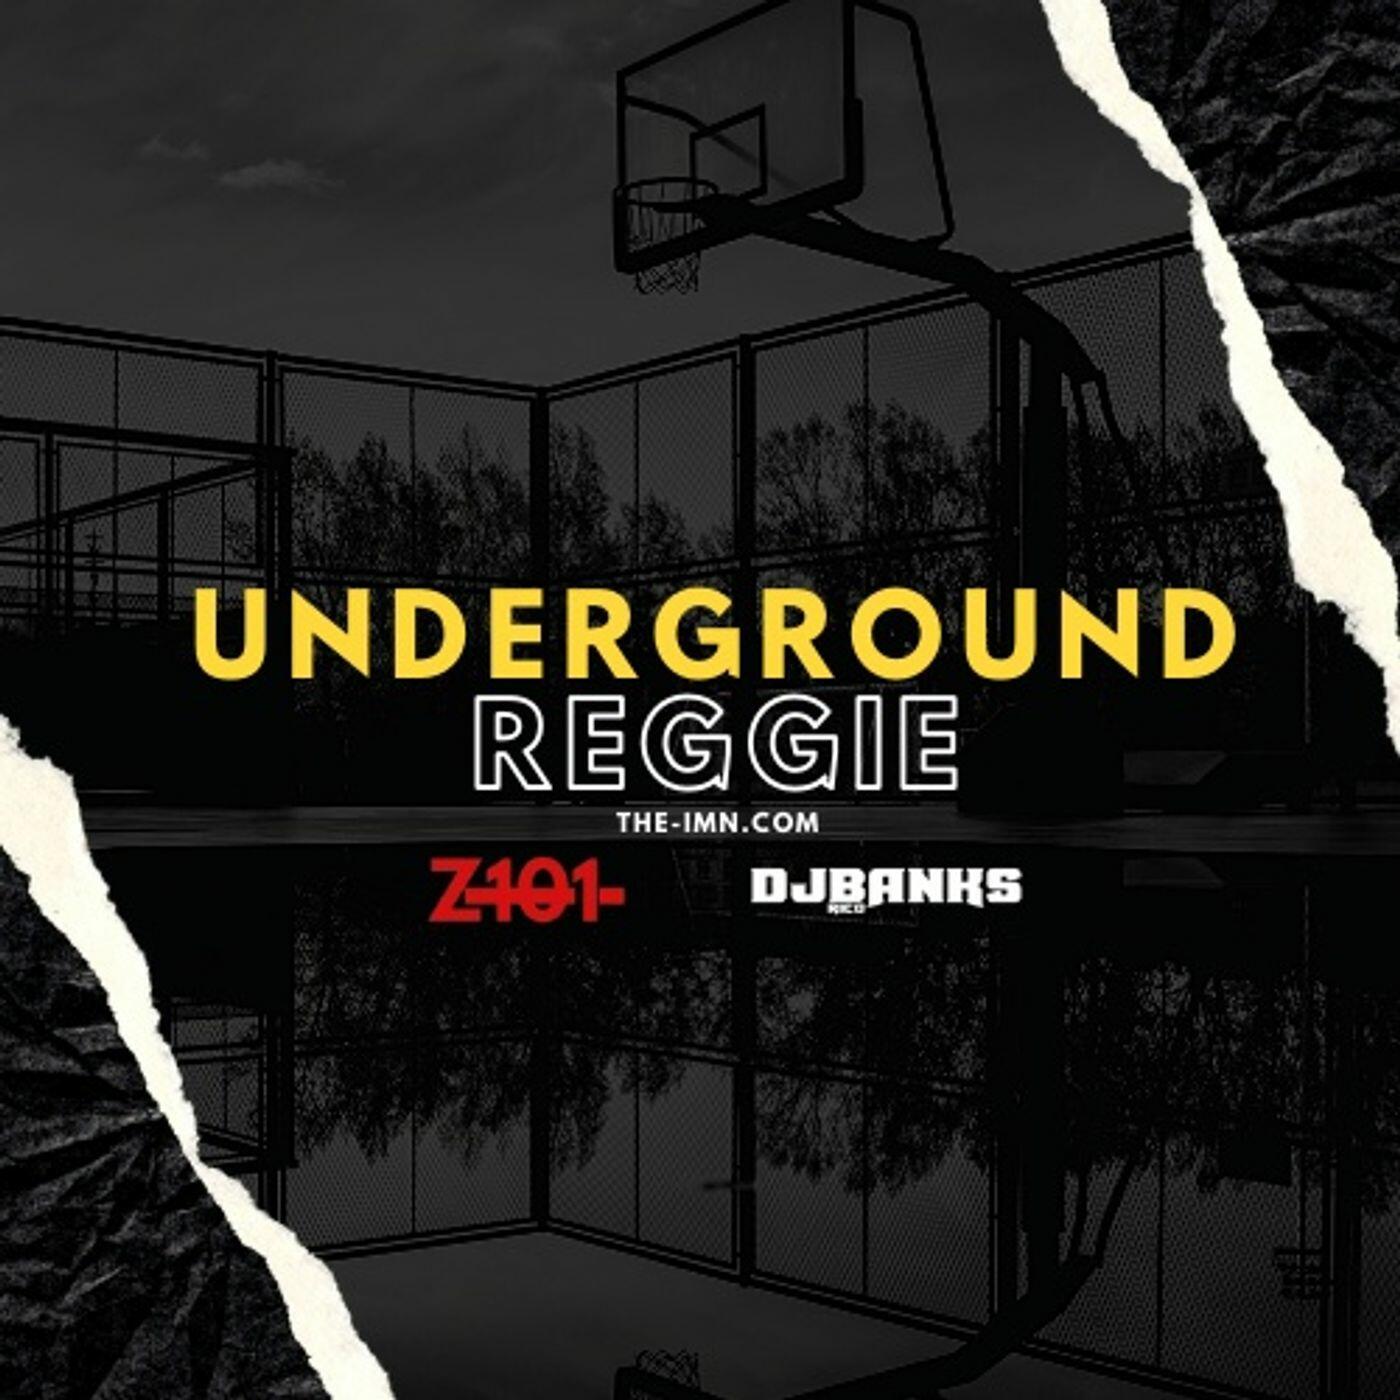 Underground Reggie